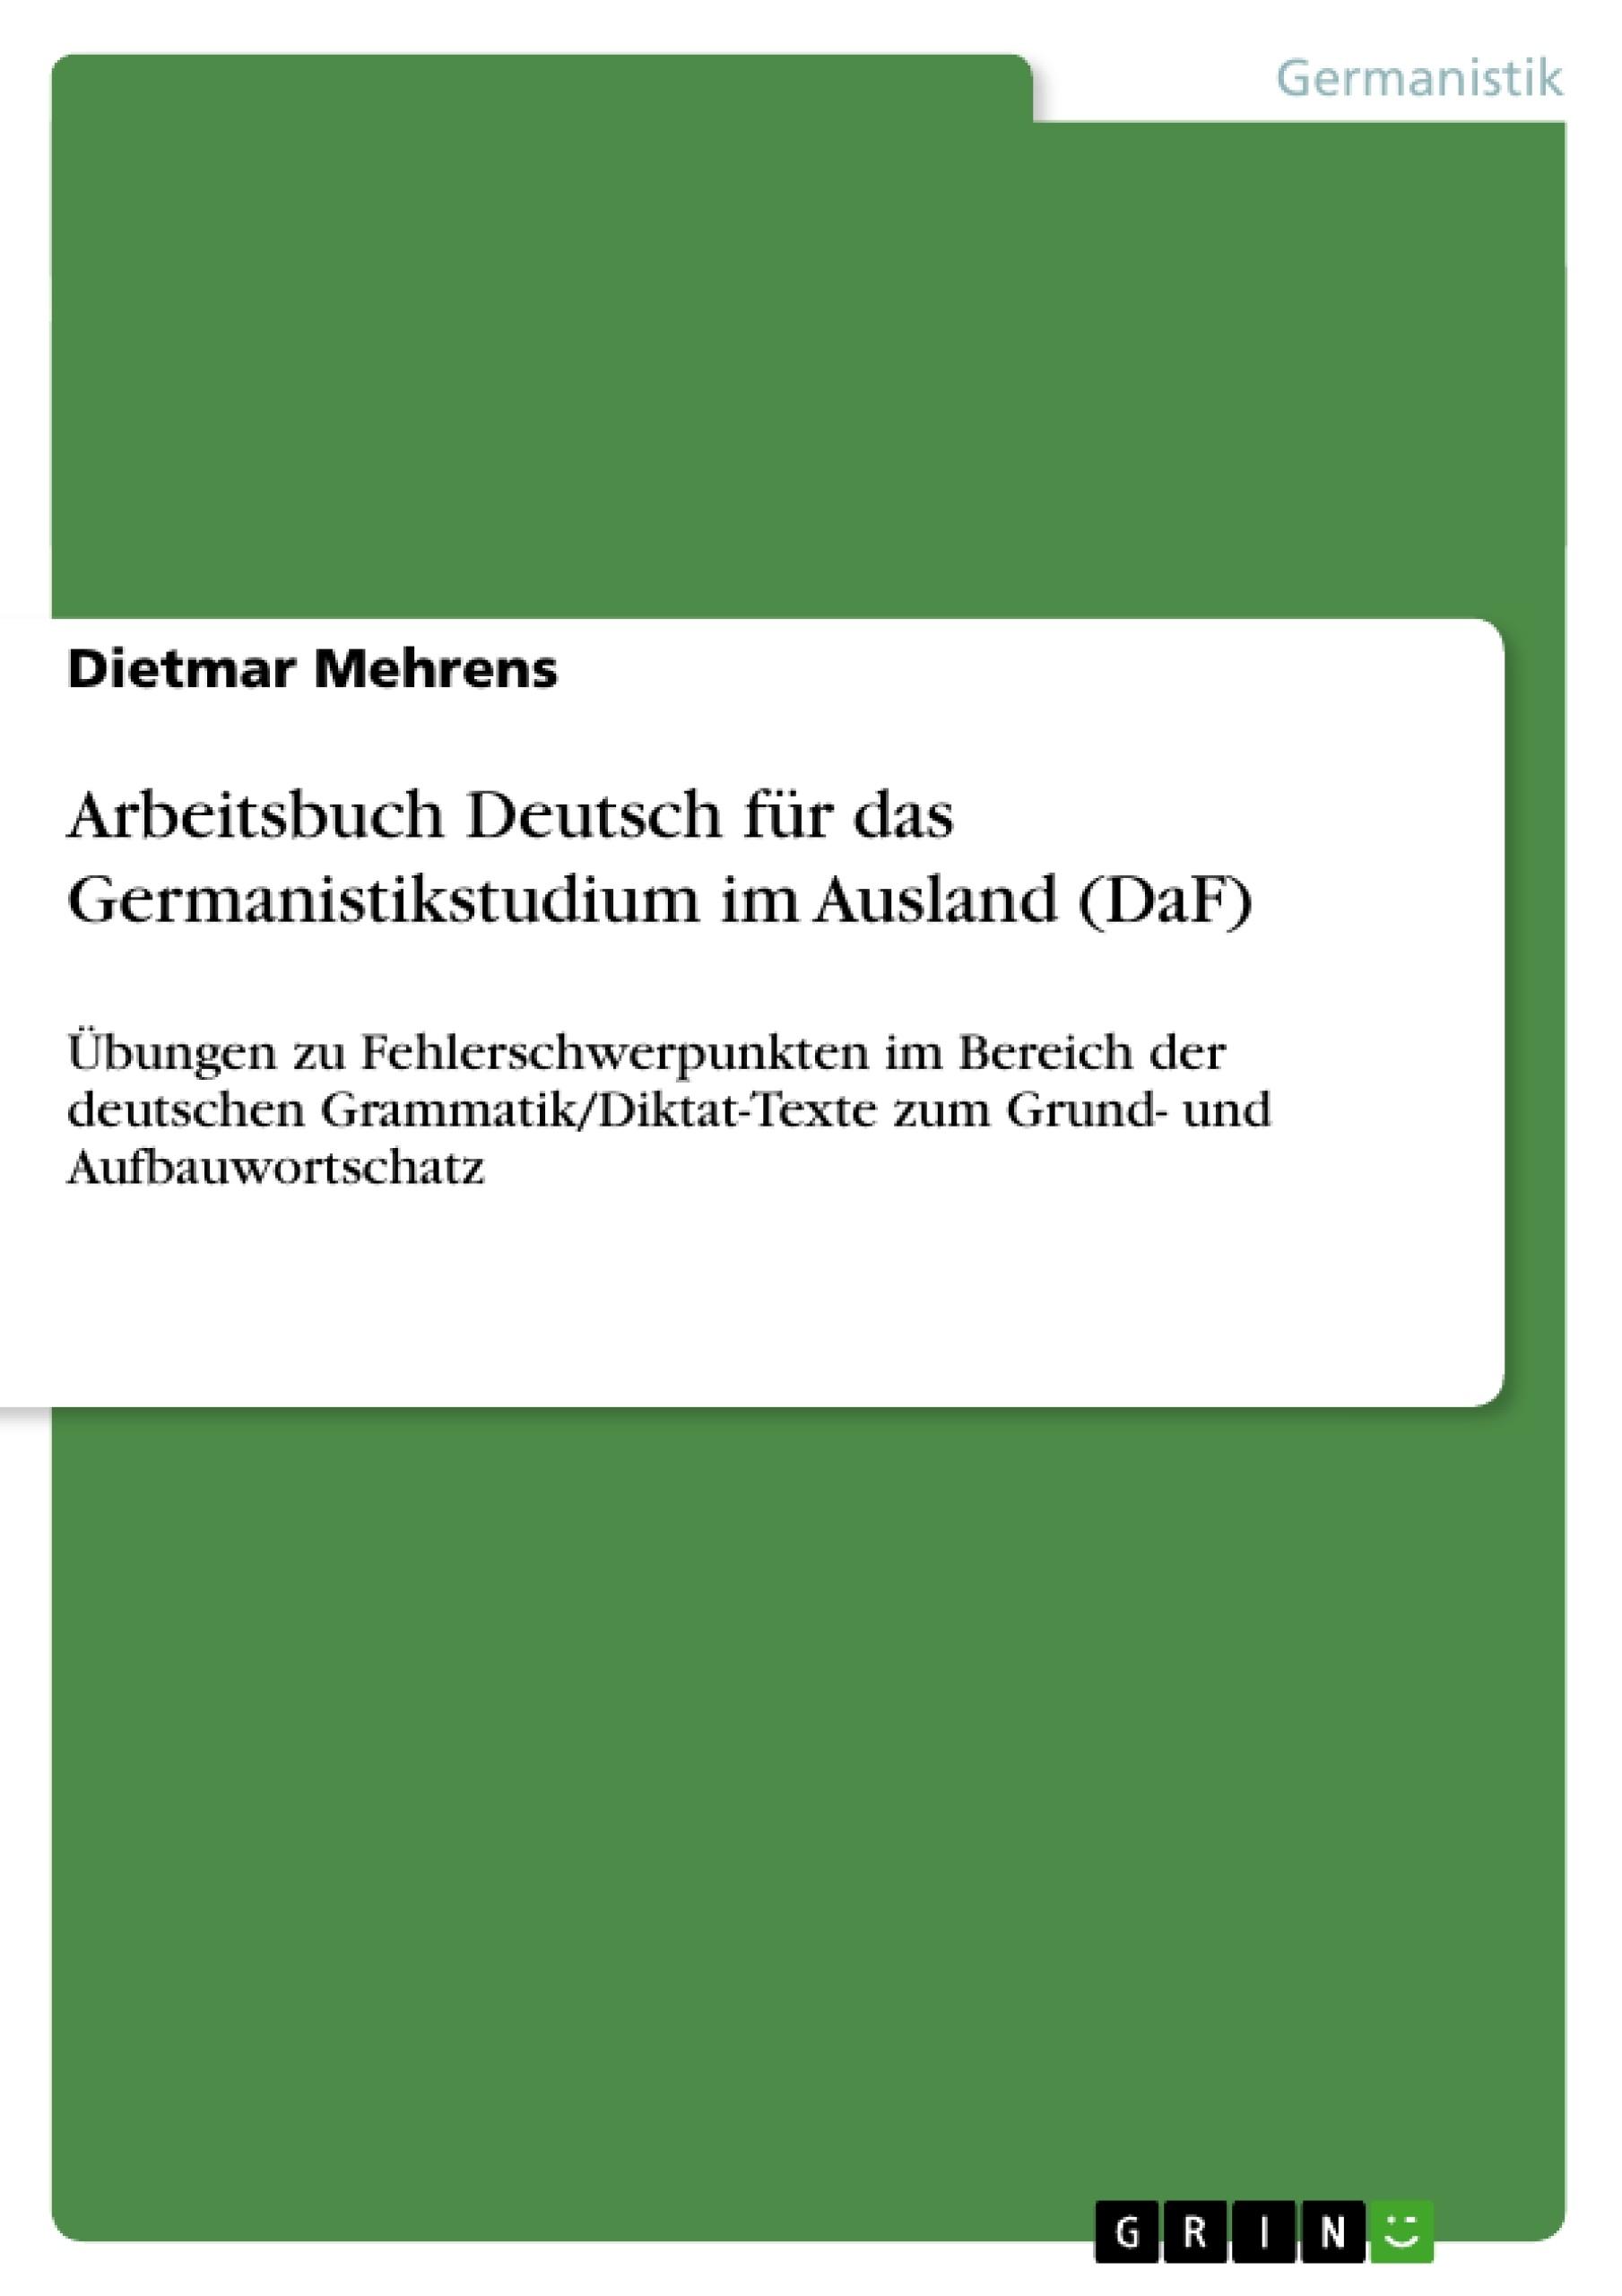 Titel: Arbeitsbuch Deutsch für das Germanistikstudium im Ausland (DaF)